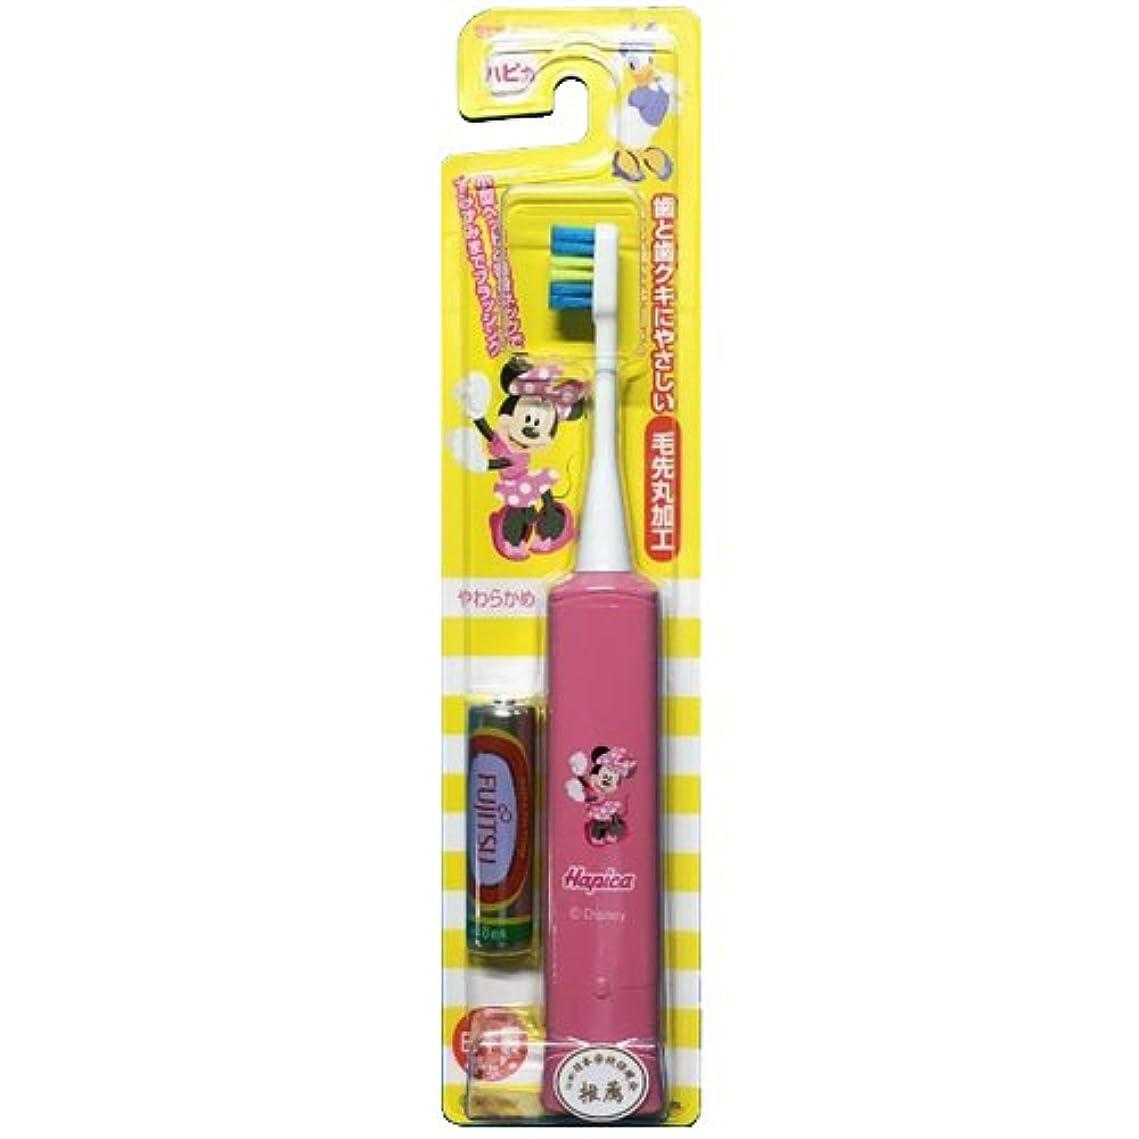 第フランクワースリーミスミニマム 電動付歯ブラシ こどもハピカ ミニー(ピンク) 毛の硬さ:やわらかめ DBK-5P(MK)